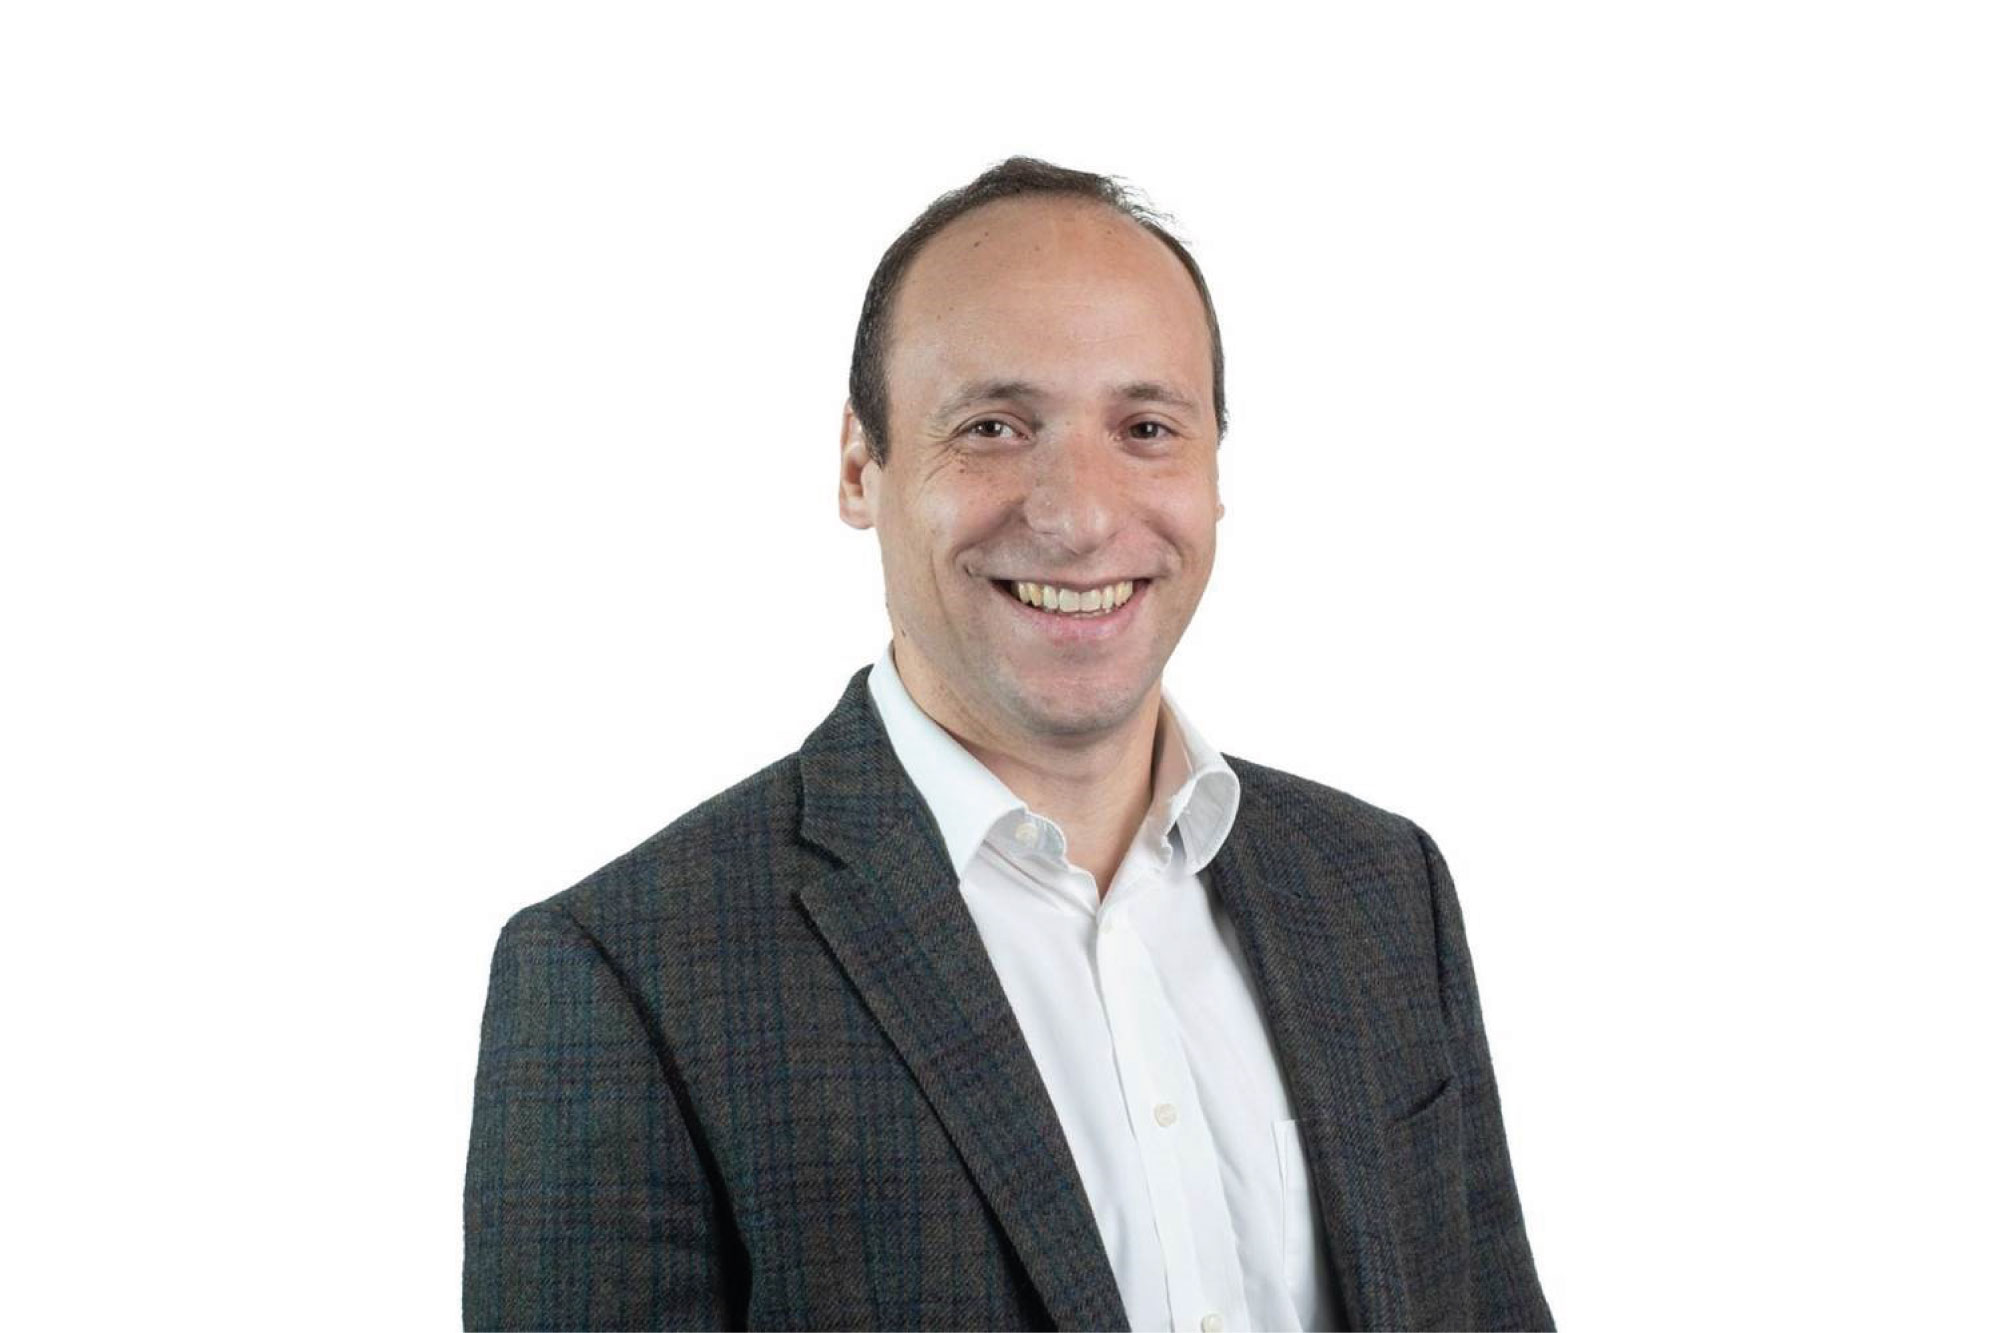 Domingos Pozzetti é o novo Diretor de Transportes da Berkley Brasil Seguros